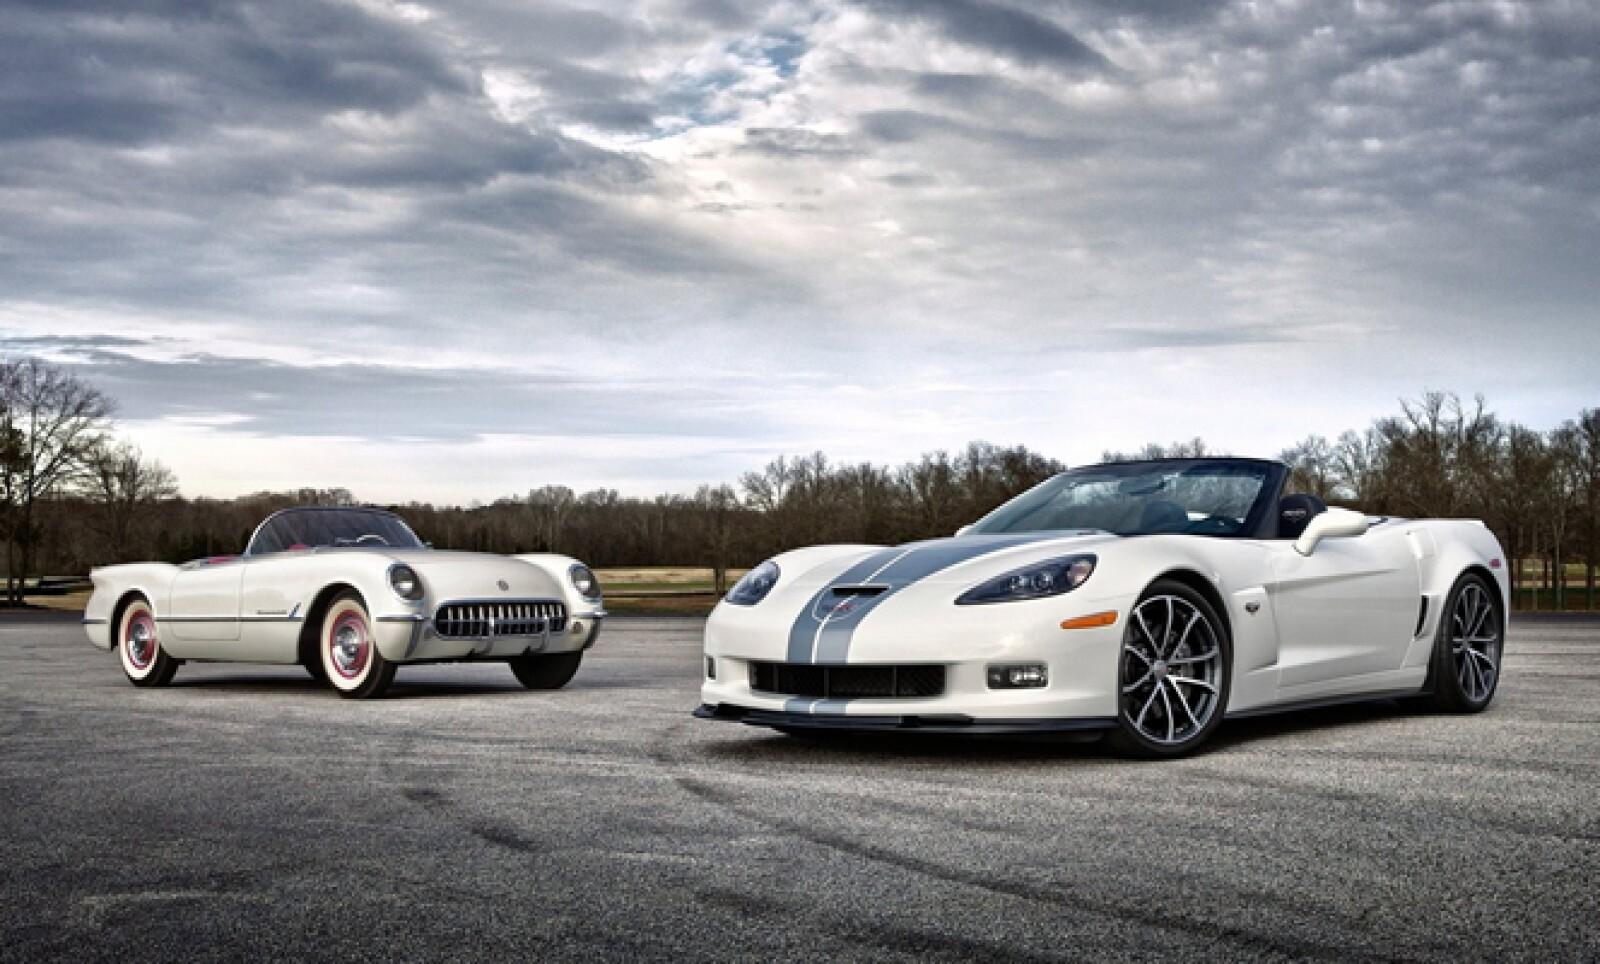 """""""La historia de Corvette es fascinante, pues a lo largo de 60 años se ha posicionado en la mente del público como el deportivo americano por excelencia, mostrando continuas innovaciones en diseño y tecnología"""", dijo Francisco Garza, vicepresidente de GM d"""